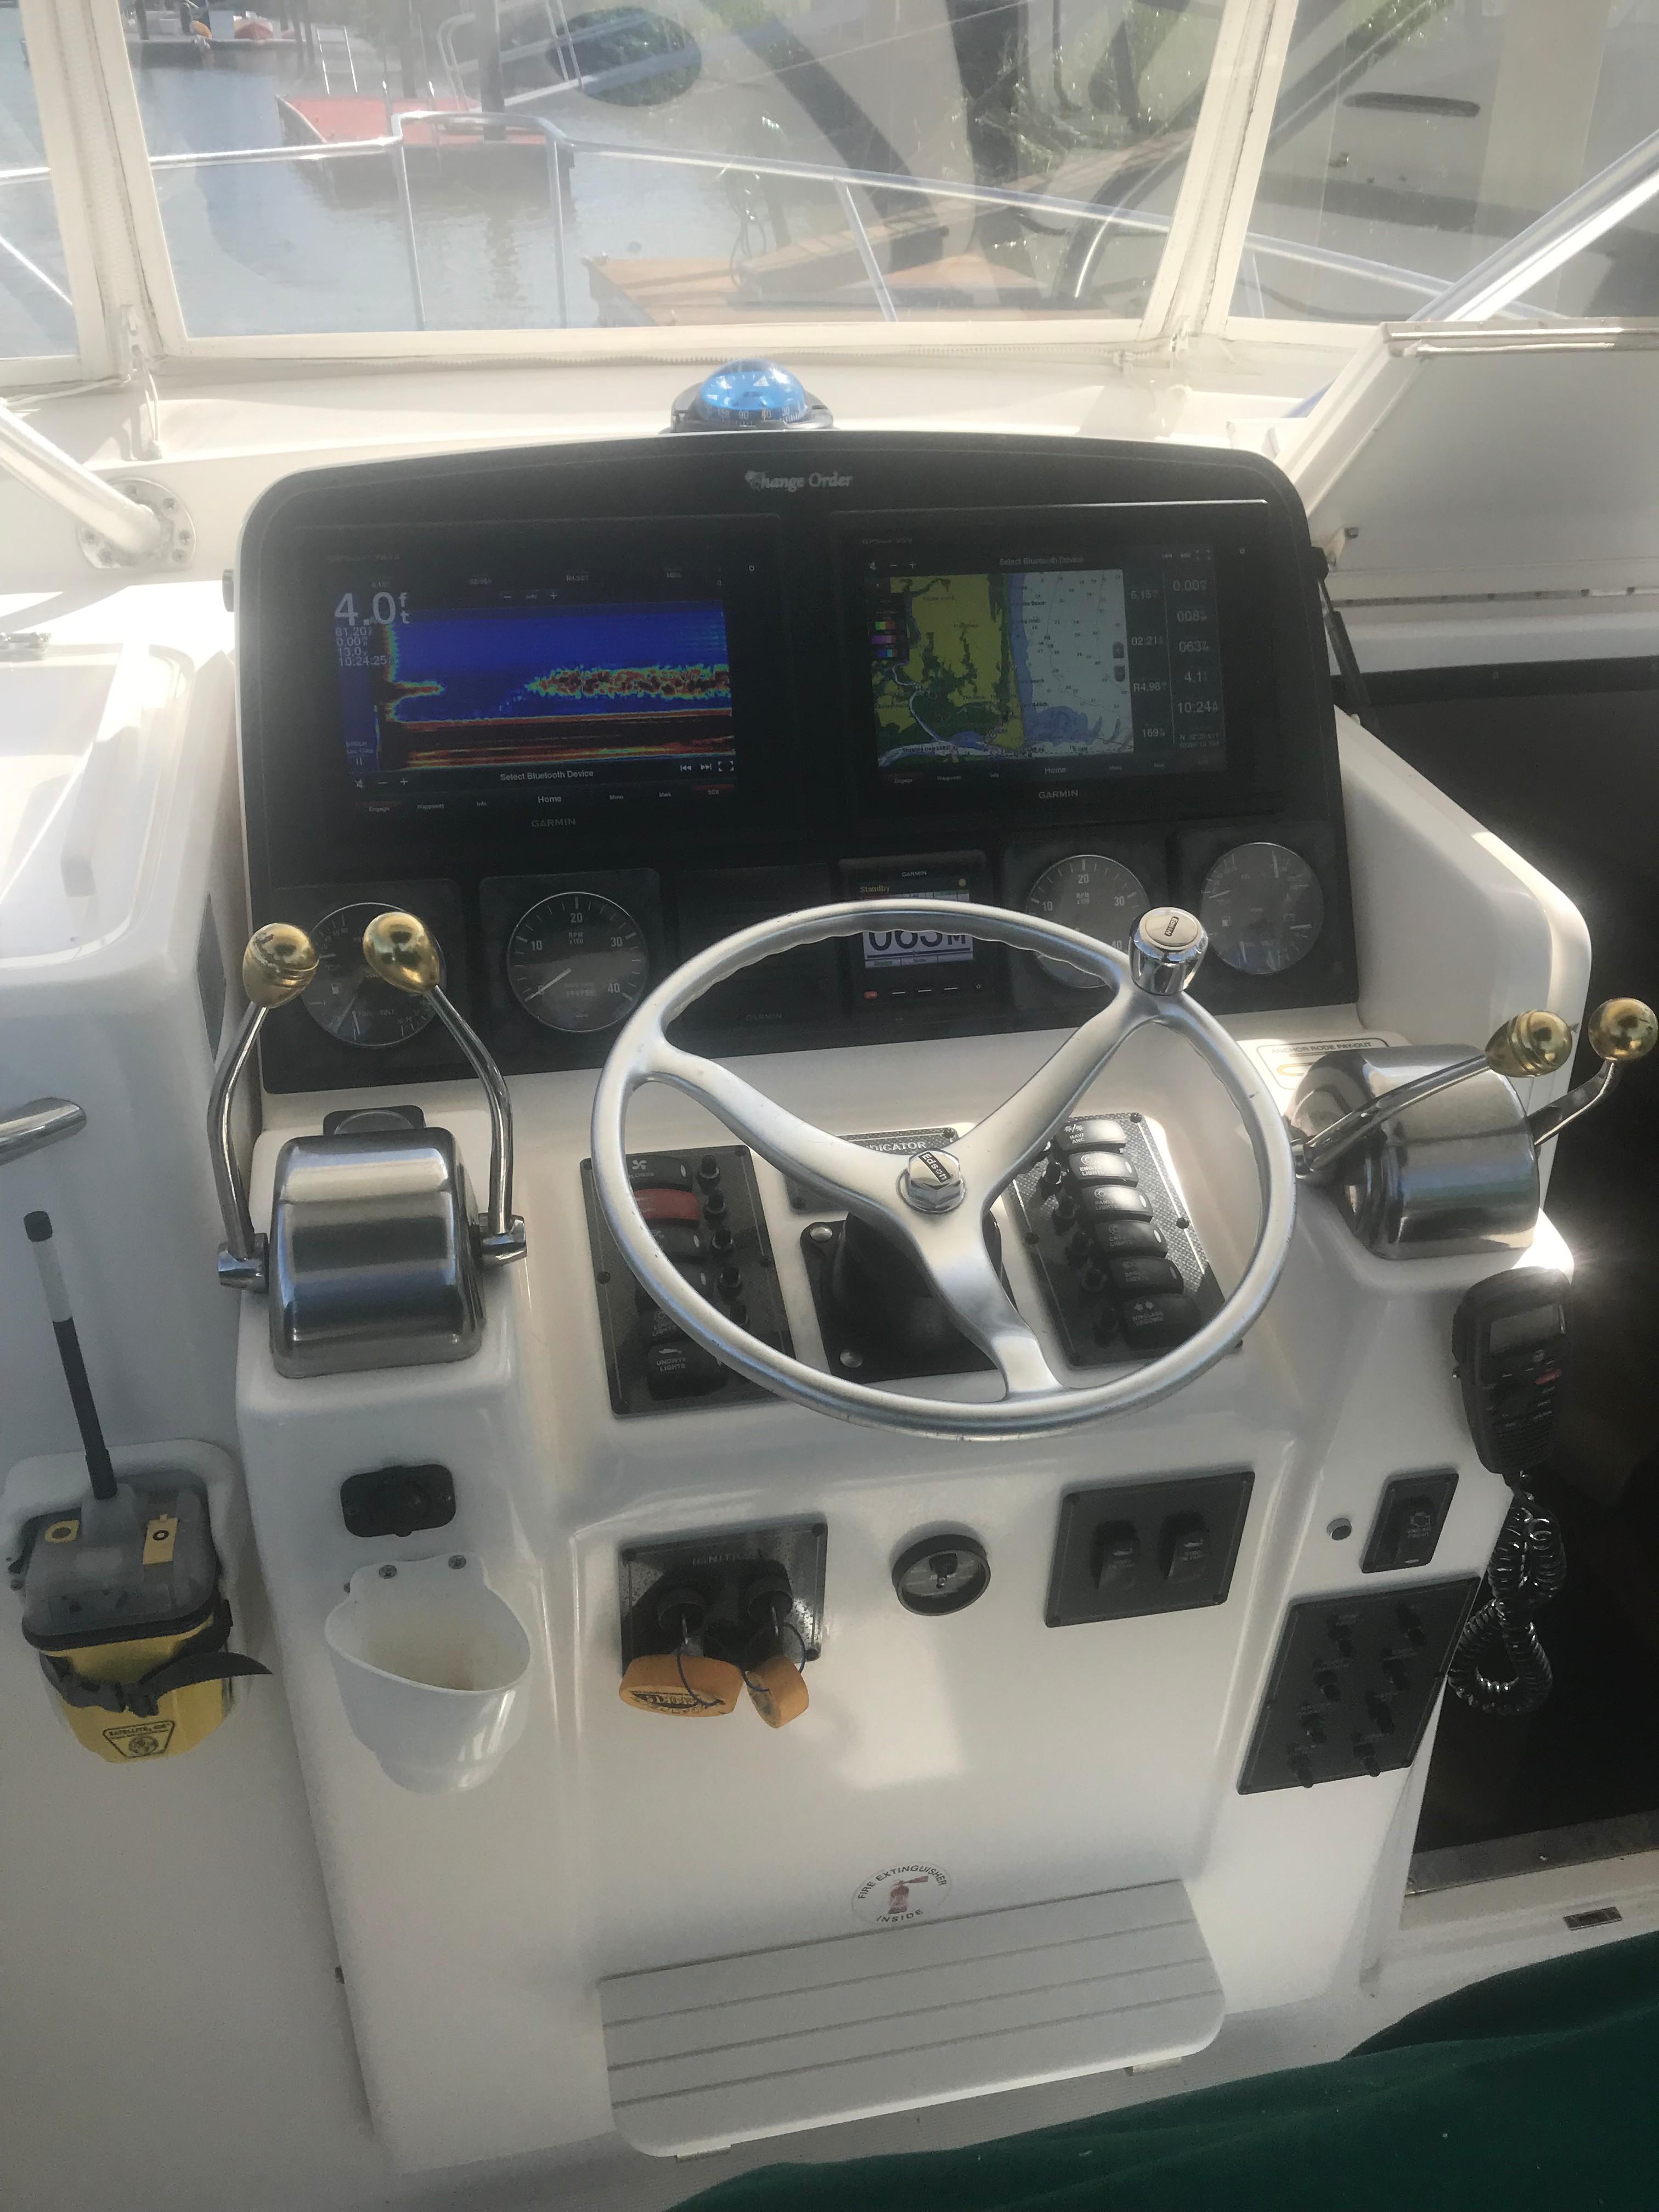 Pursuit 3000 Offshore - Centerline Helm